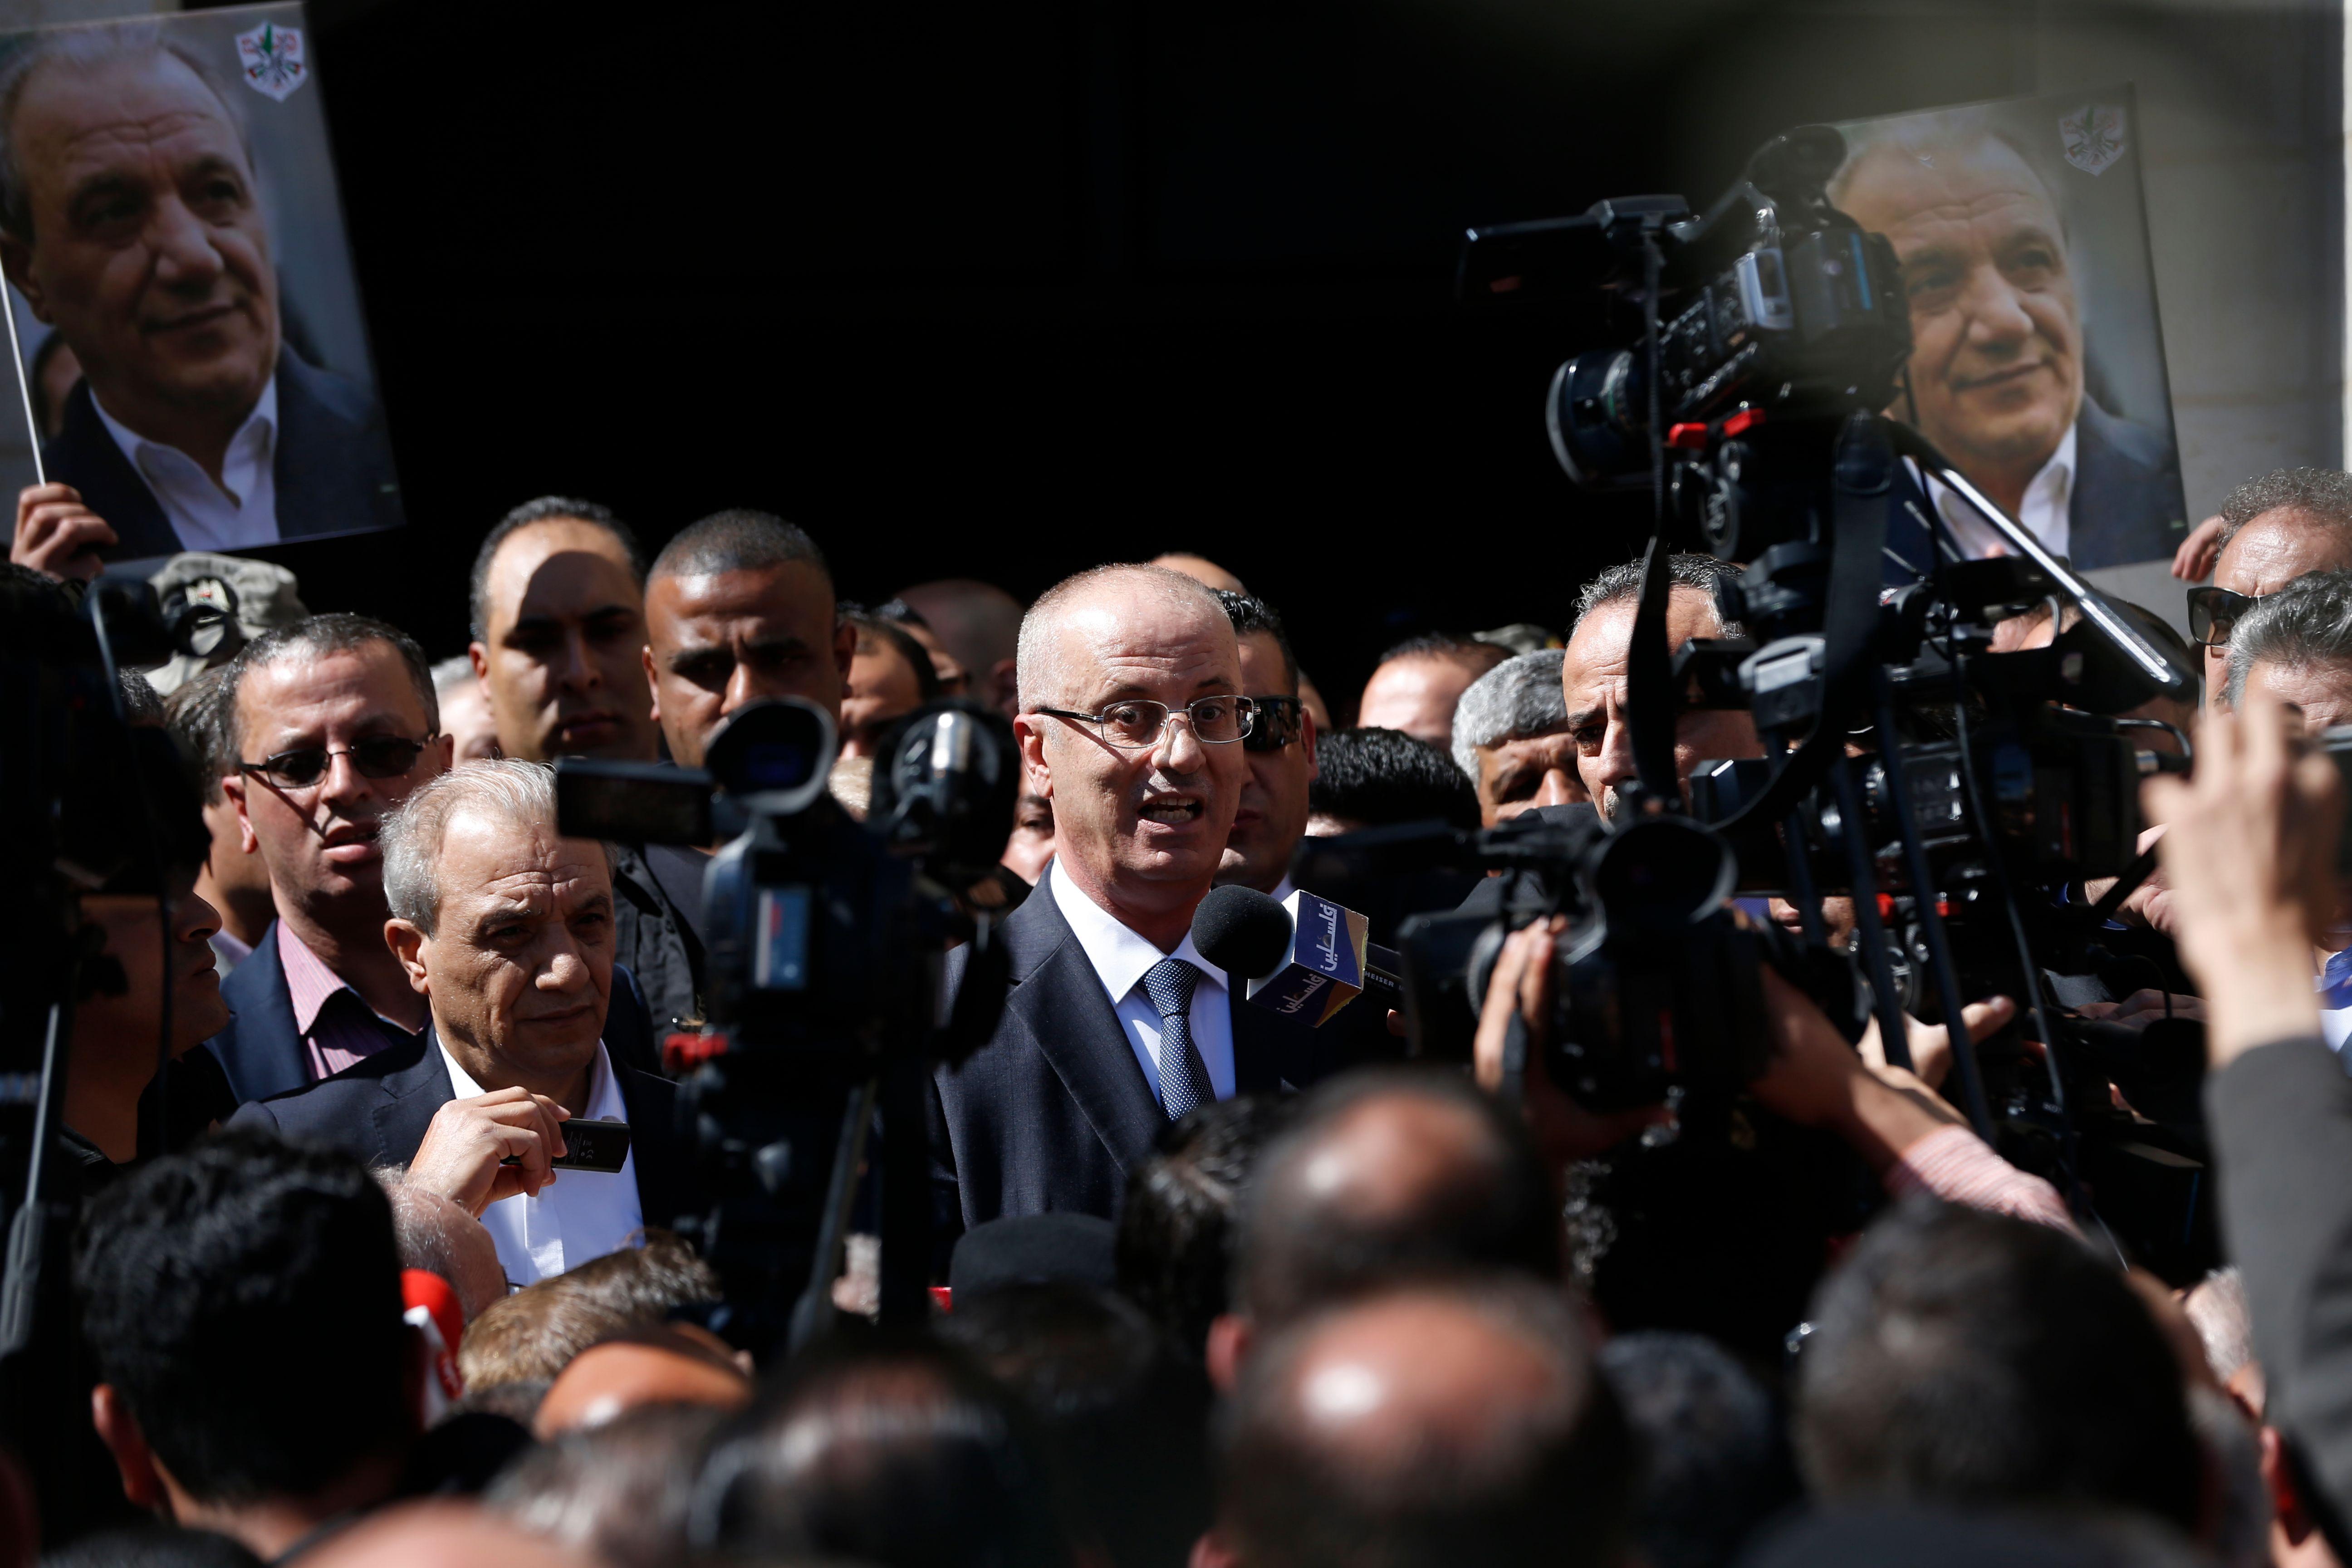 رئيس الوزراء الفلسيطنى يرحب بانصاره